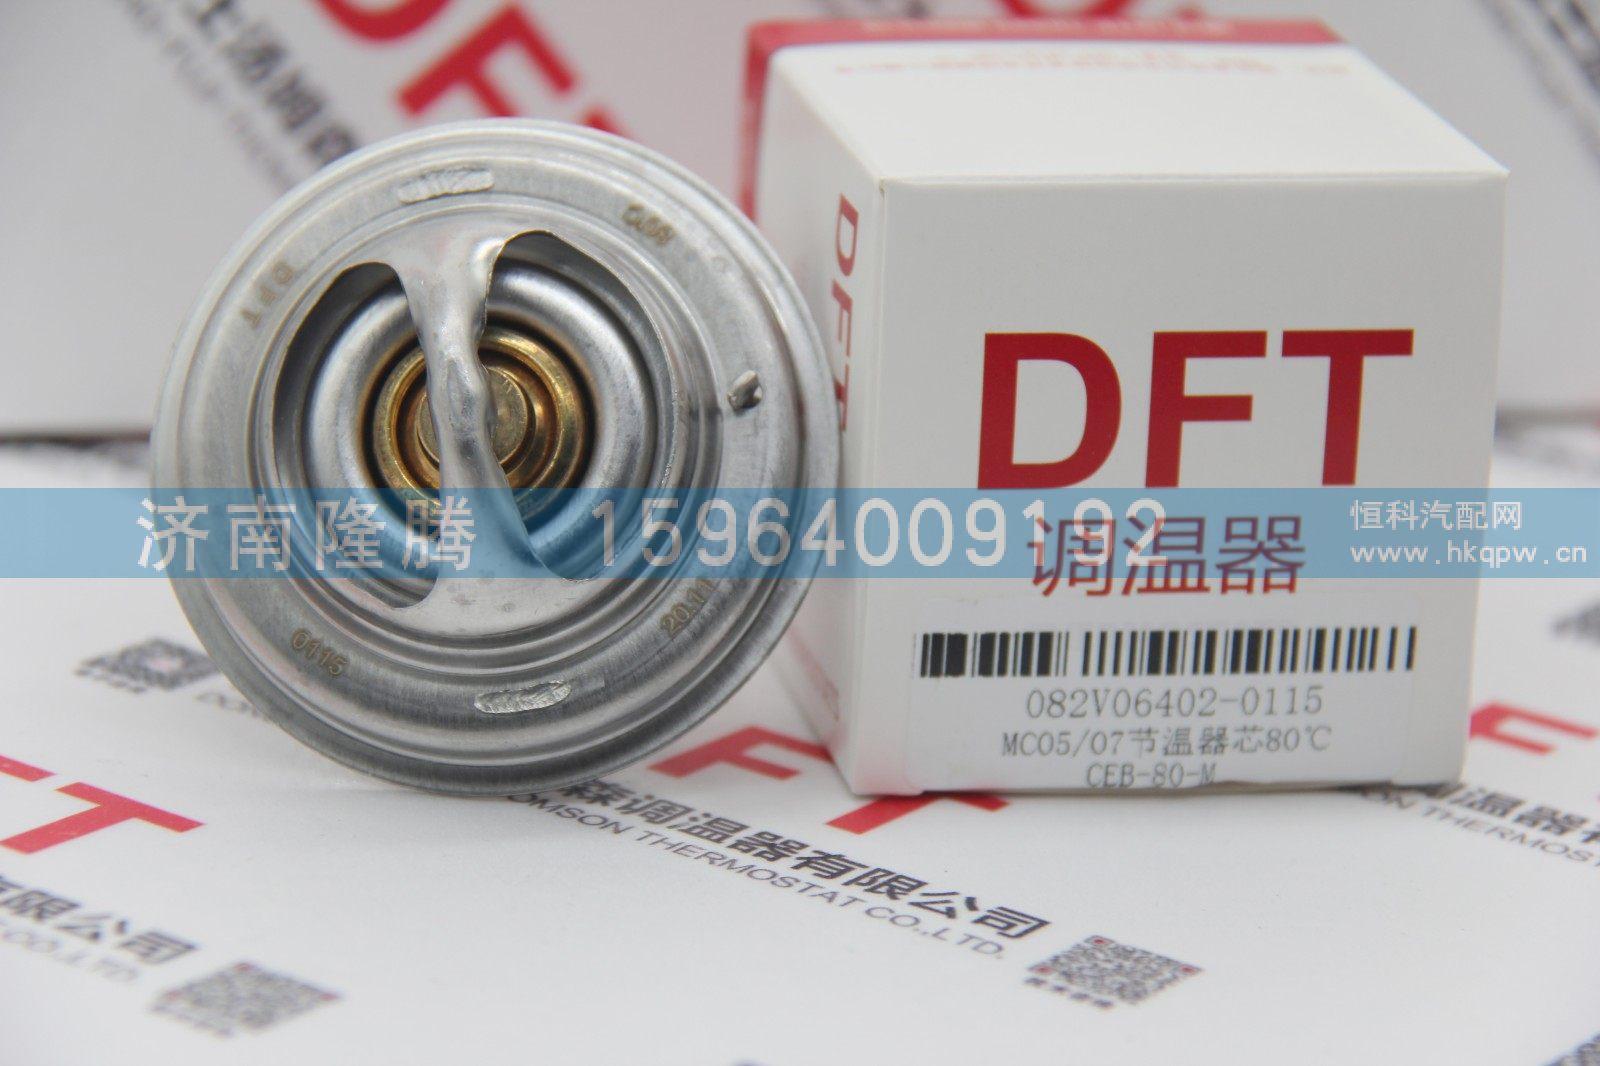 MC05 07节温器芯80℃ 082V06402-0115/082V06402-0115